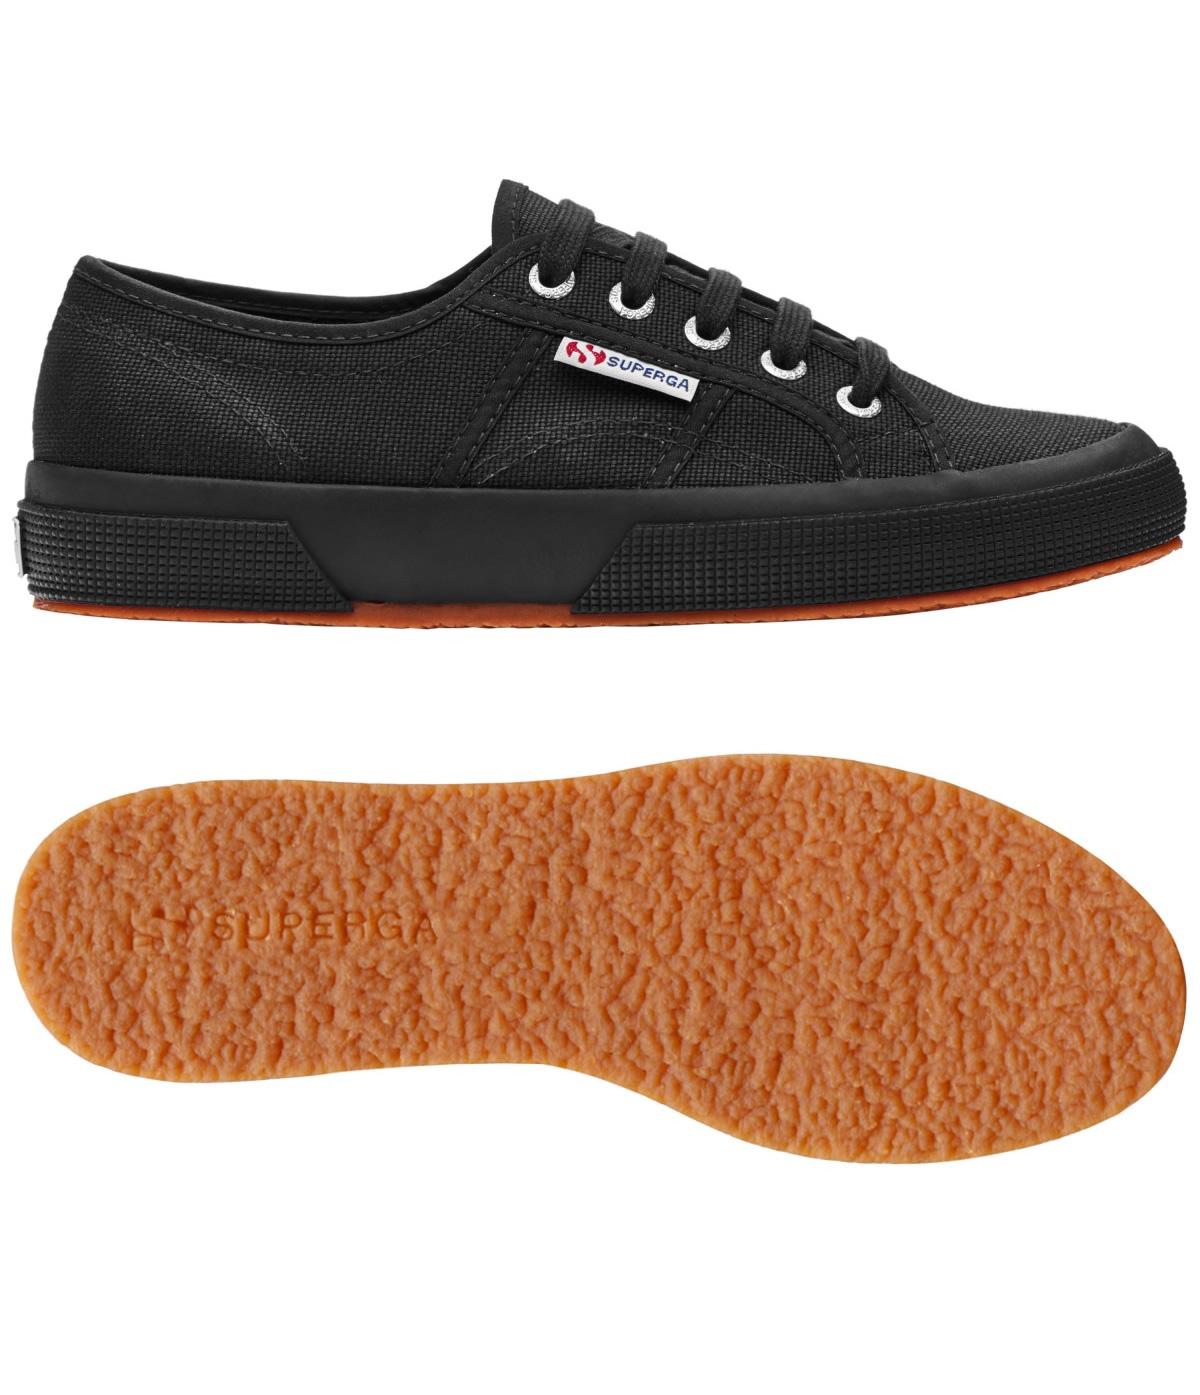 Comprar Zapatillas Superga negras 2750. Outlet Superga c37118c2317